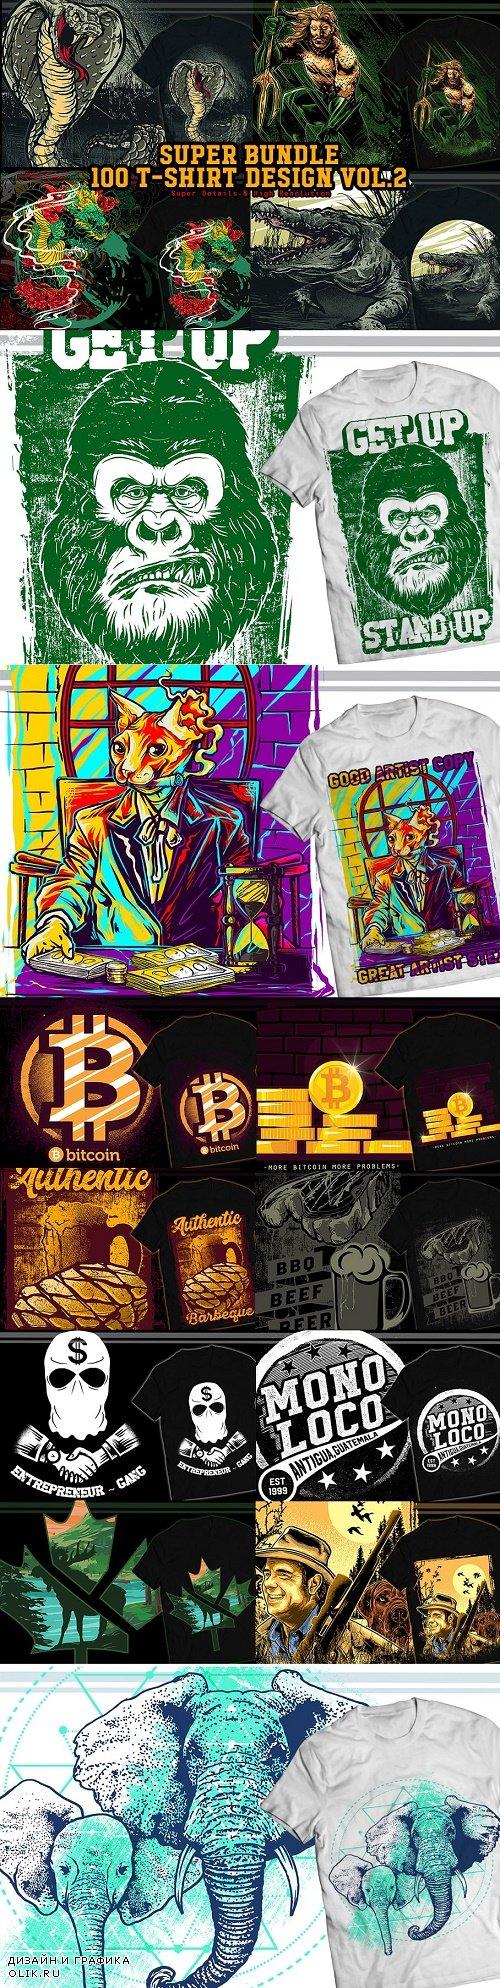 Super Bundle 100 Tshirt Design vol.2 - 3907423